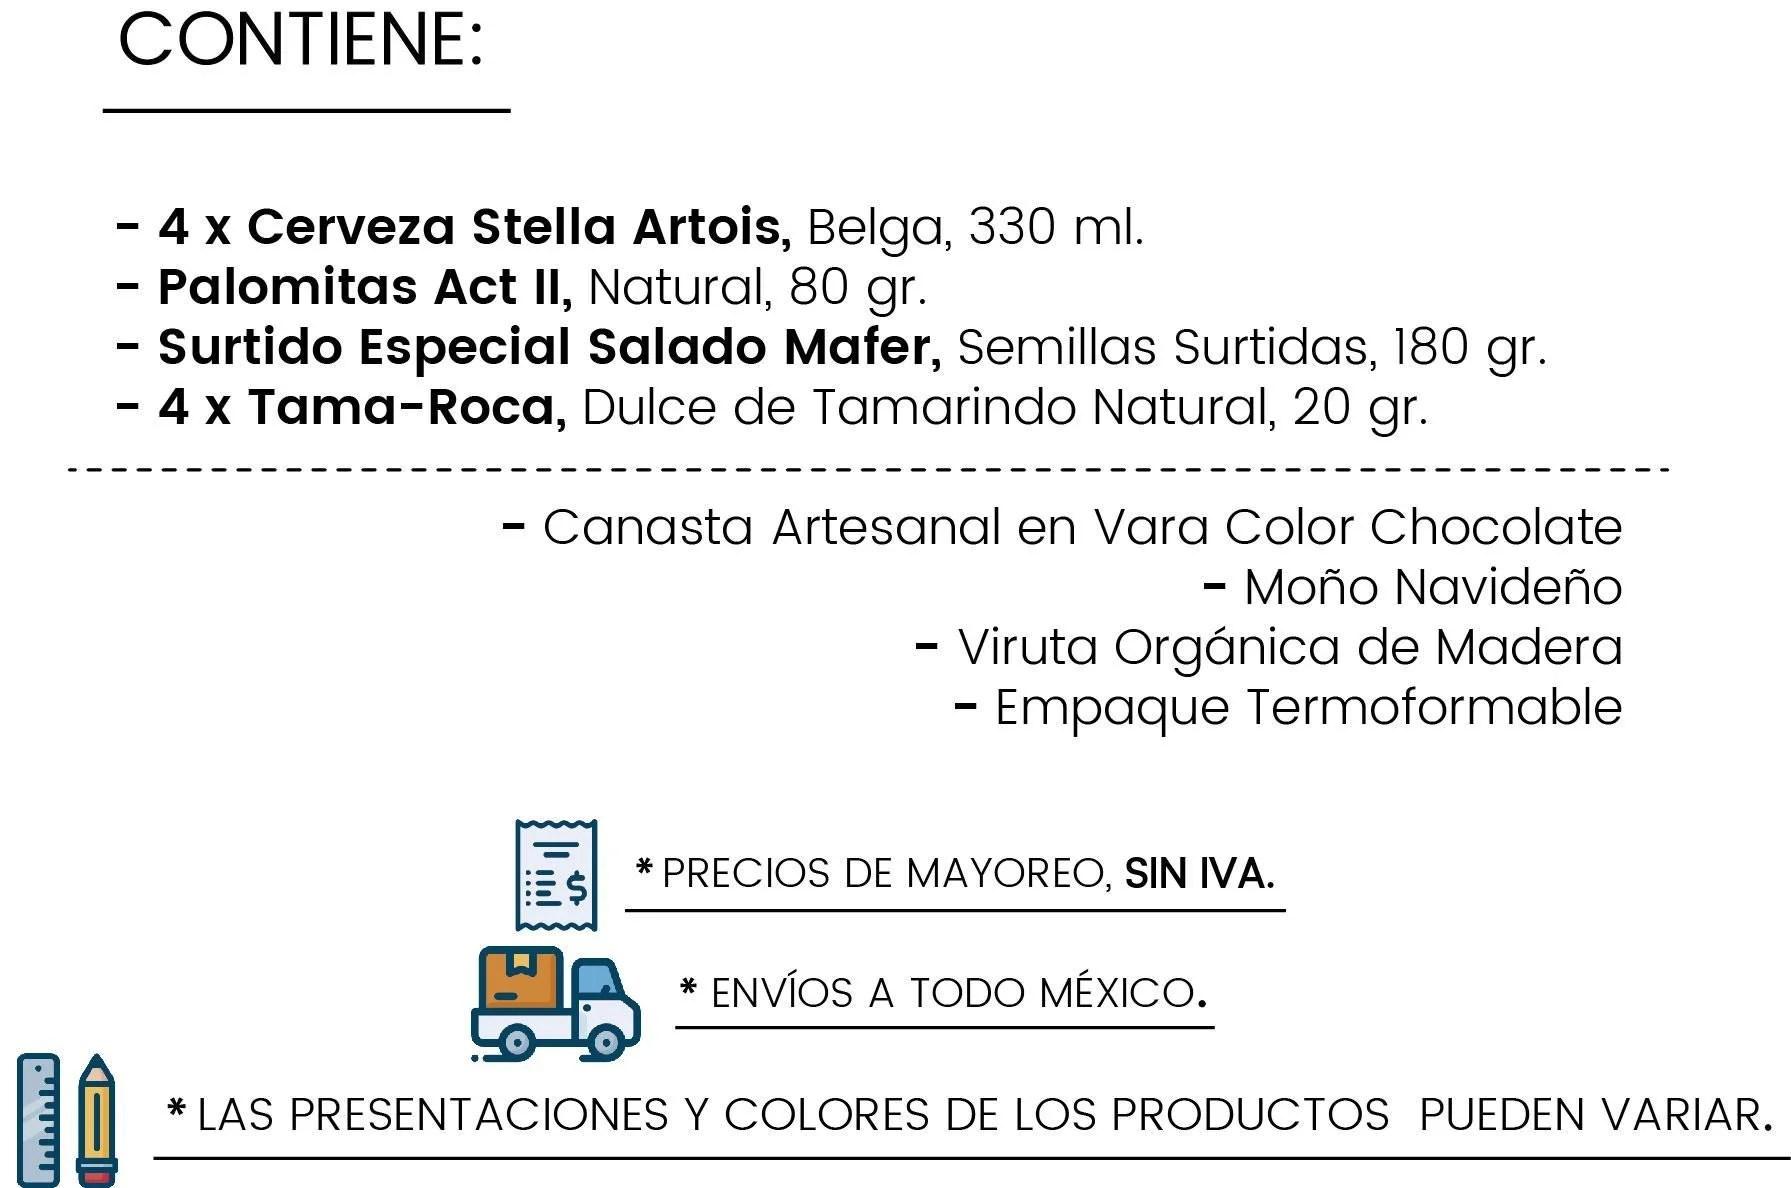 Contenido Canasta 4 Stellas by Tienda de Canastas